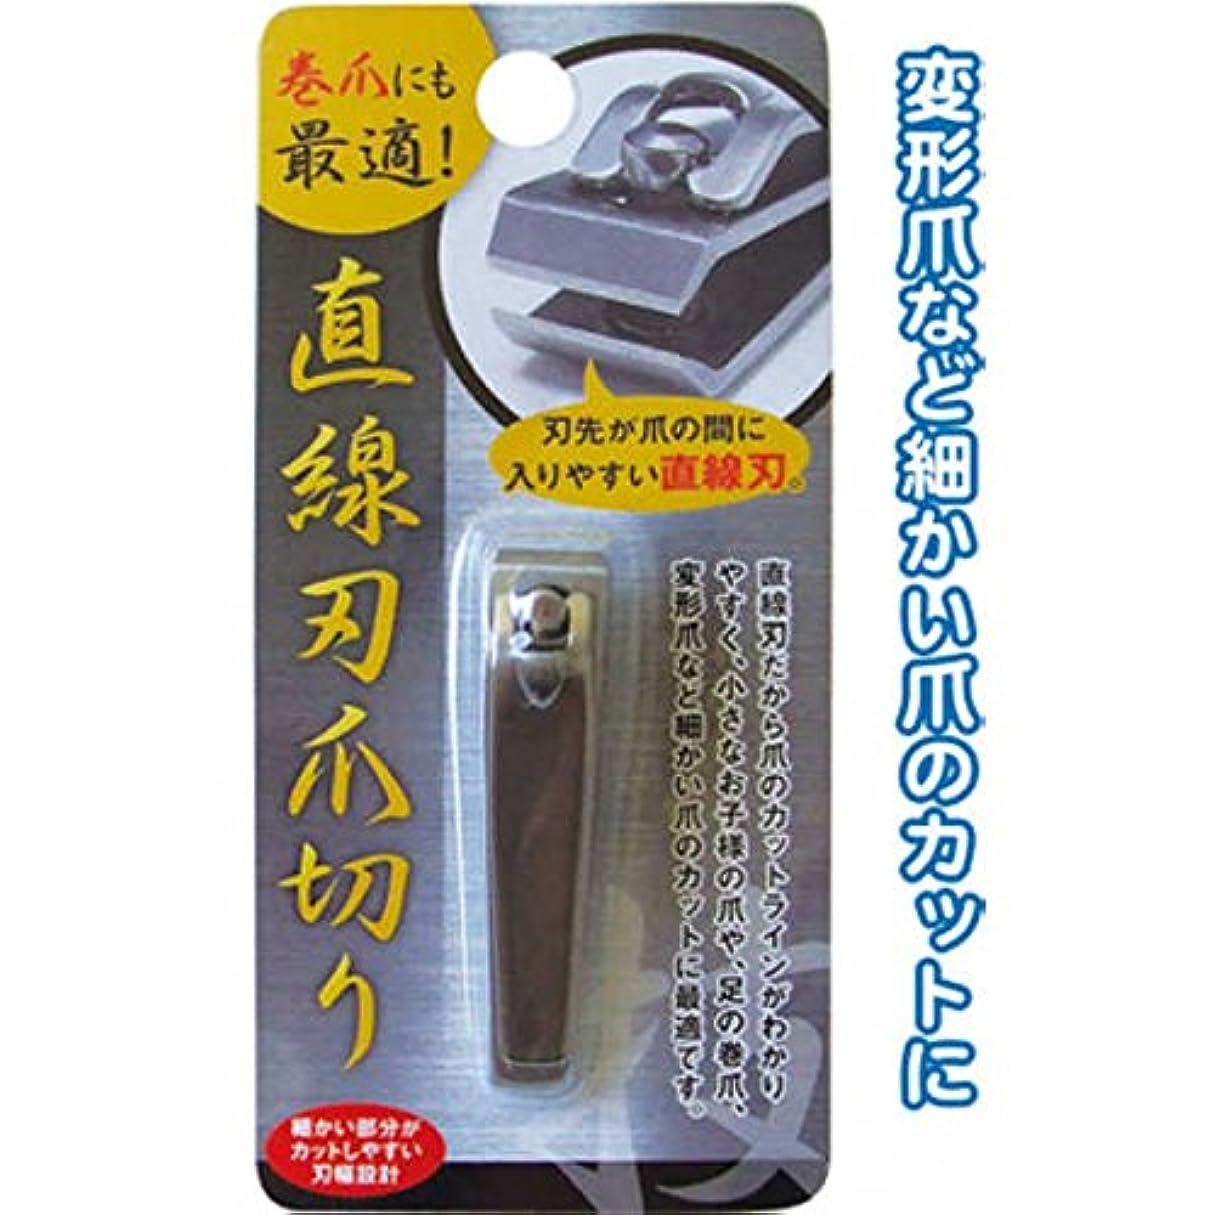 アクセシブルハドルポジション巻爪にも最適!直線刃ステンレス爪切り 【まとめ買い12個セット】 18-601